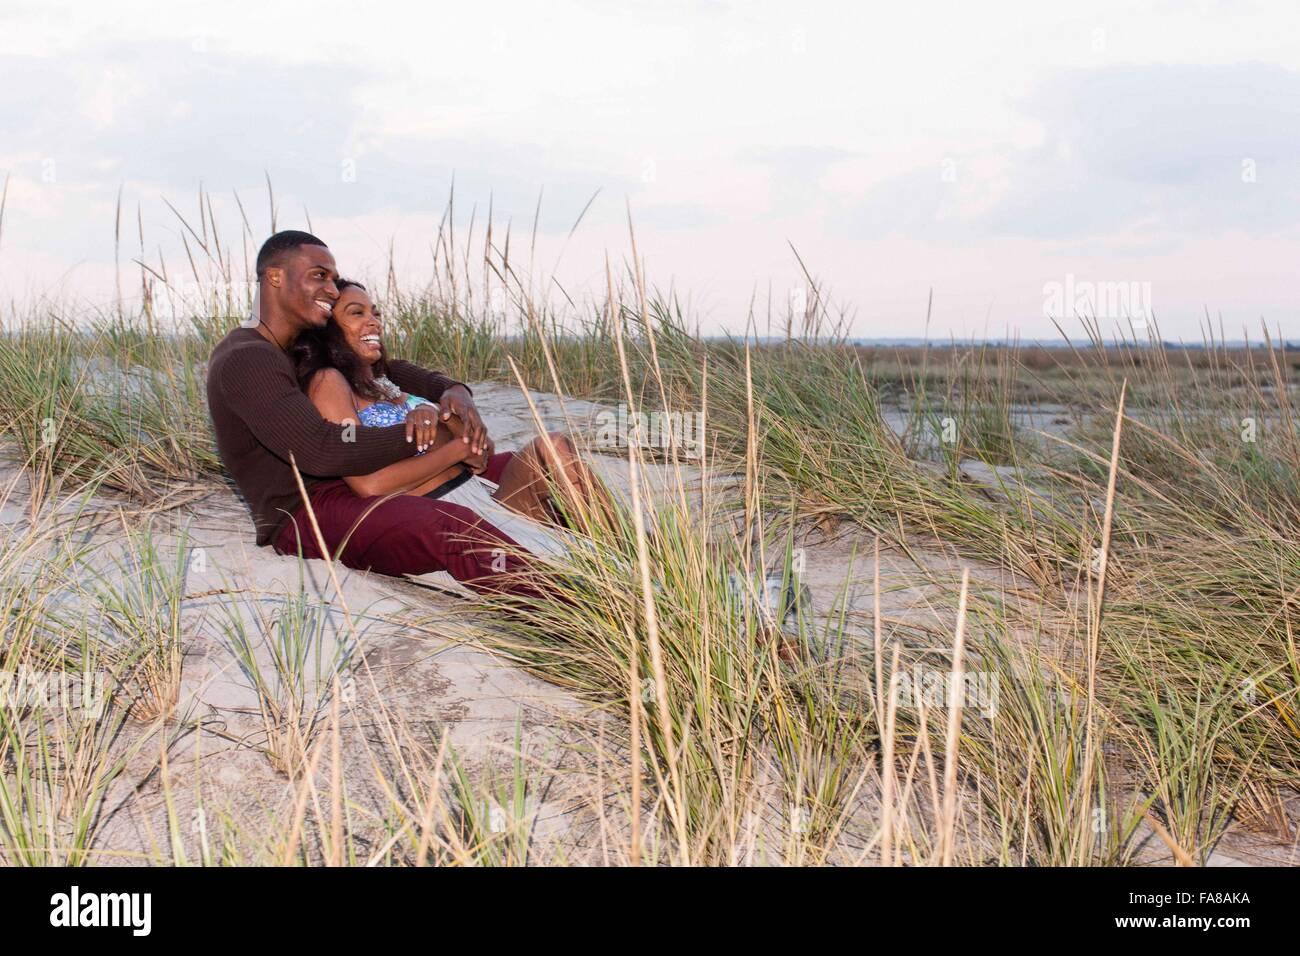 Par acostado en dunas de arena, un abrazo Foto de stock